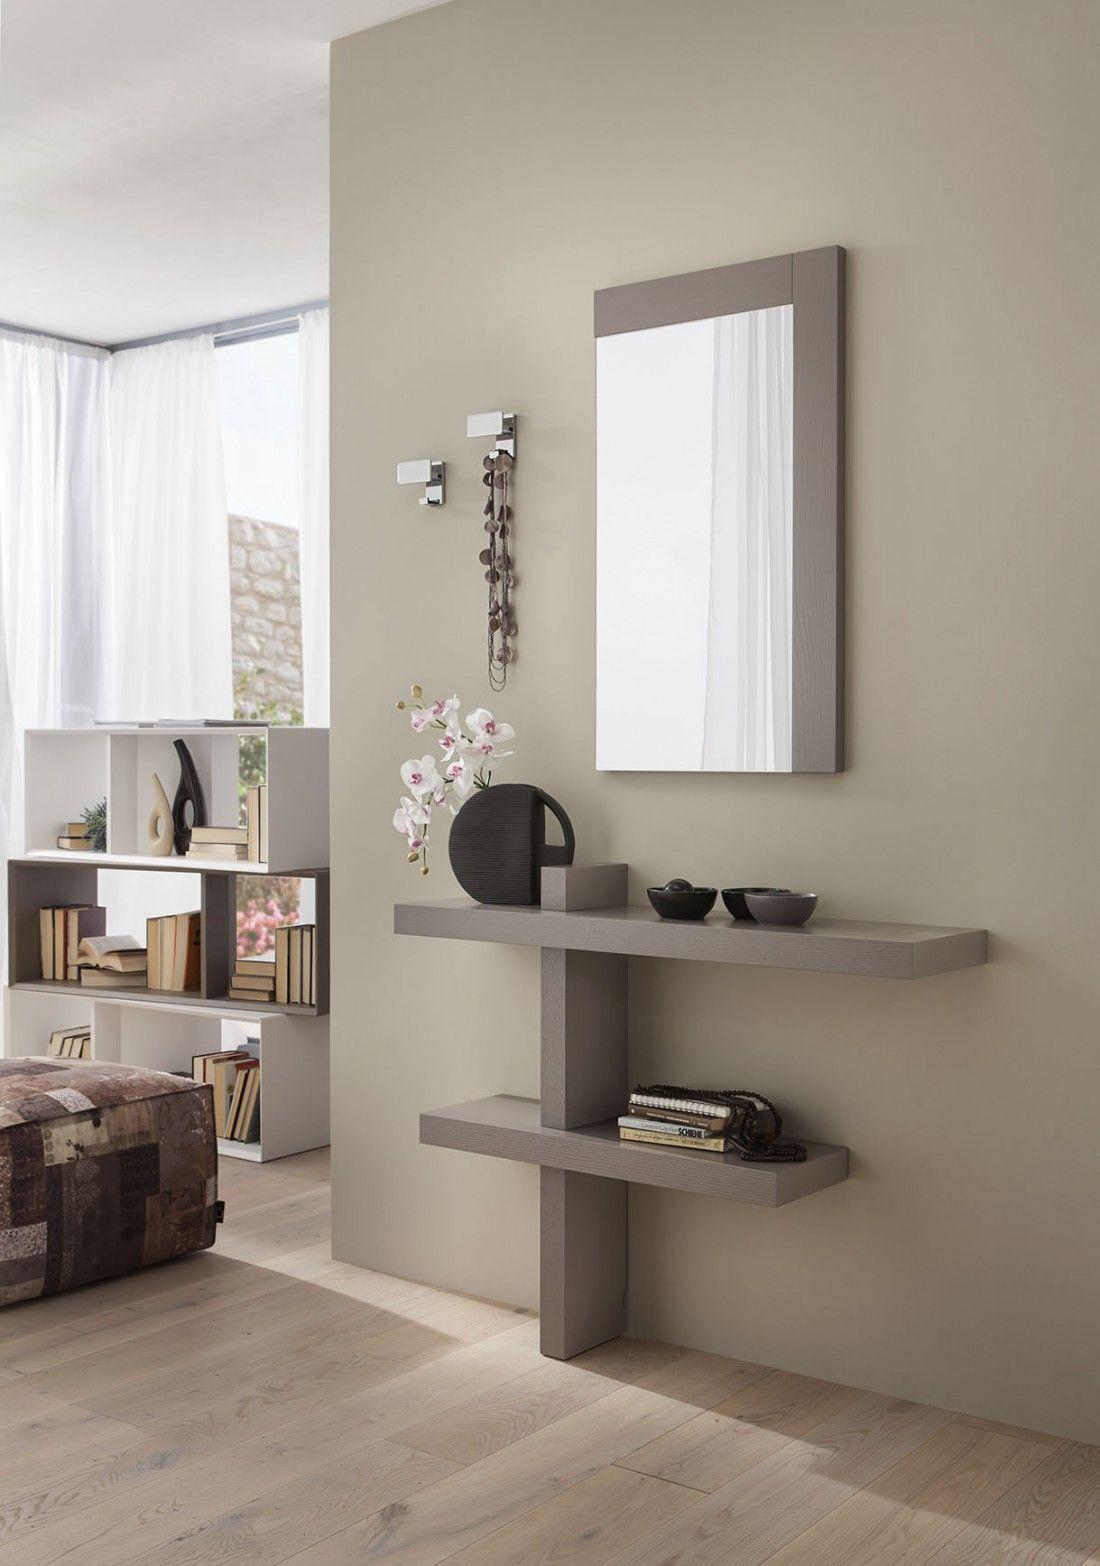 Composizione Del Colore Tortora consolle mobile ingresso a terra e specchio design moderno